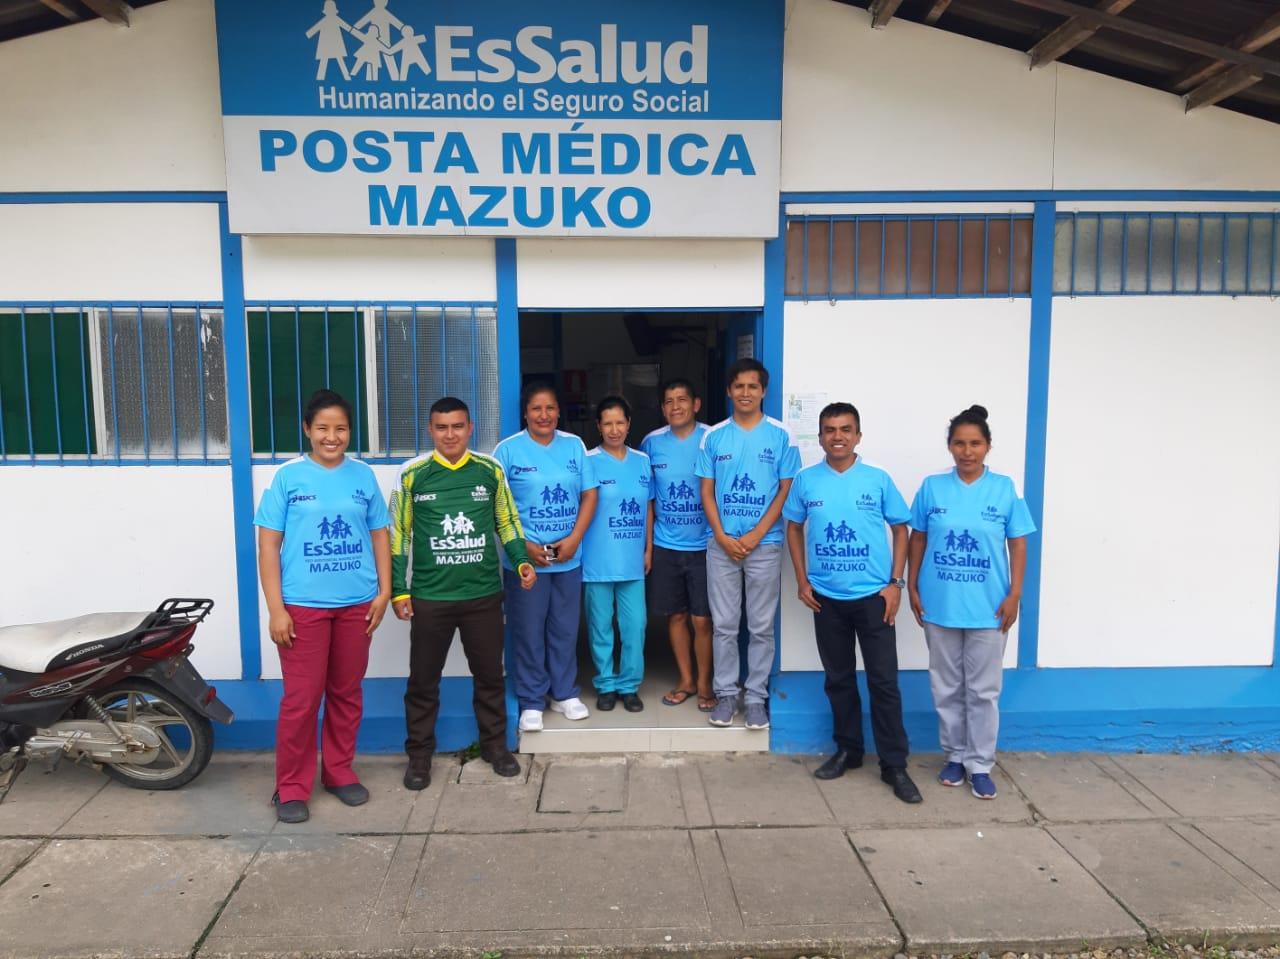 Essalud - EsSalud Madre de Dios: en Mazuko se realiza campaña contra el dengue